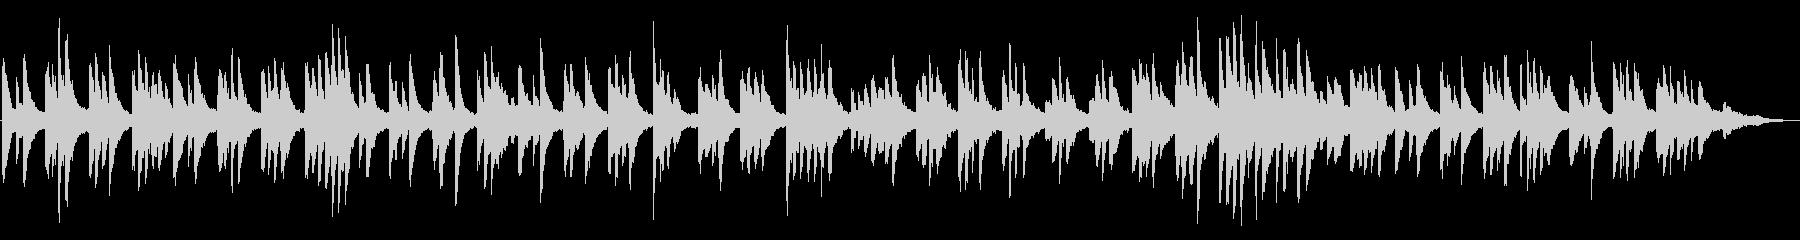 風景動画・ヨガ ヒーリング系ピアノソロの未再生の波形